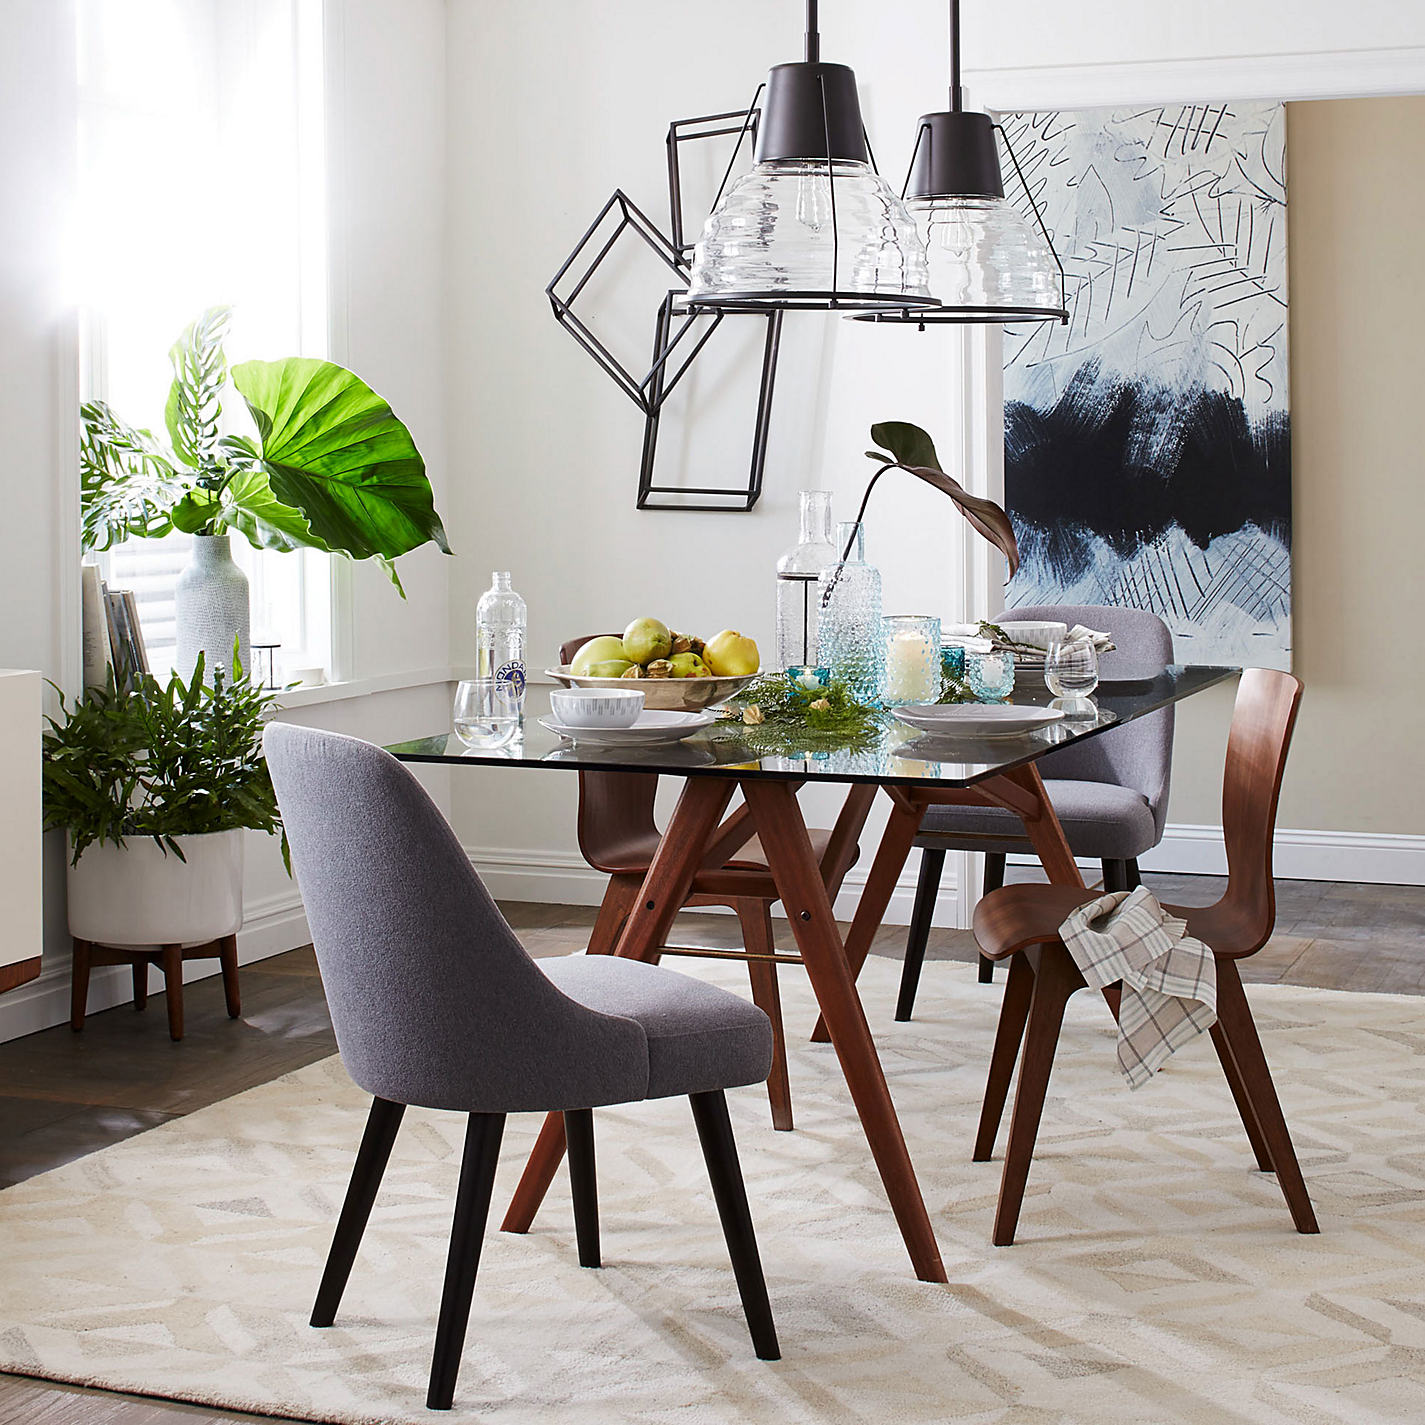 Folding side table john lewis -  Buy West Elm Jensen Dining Table Online At Johnlewis Com